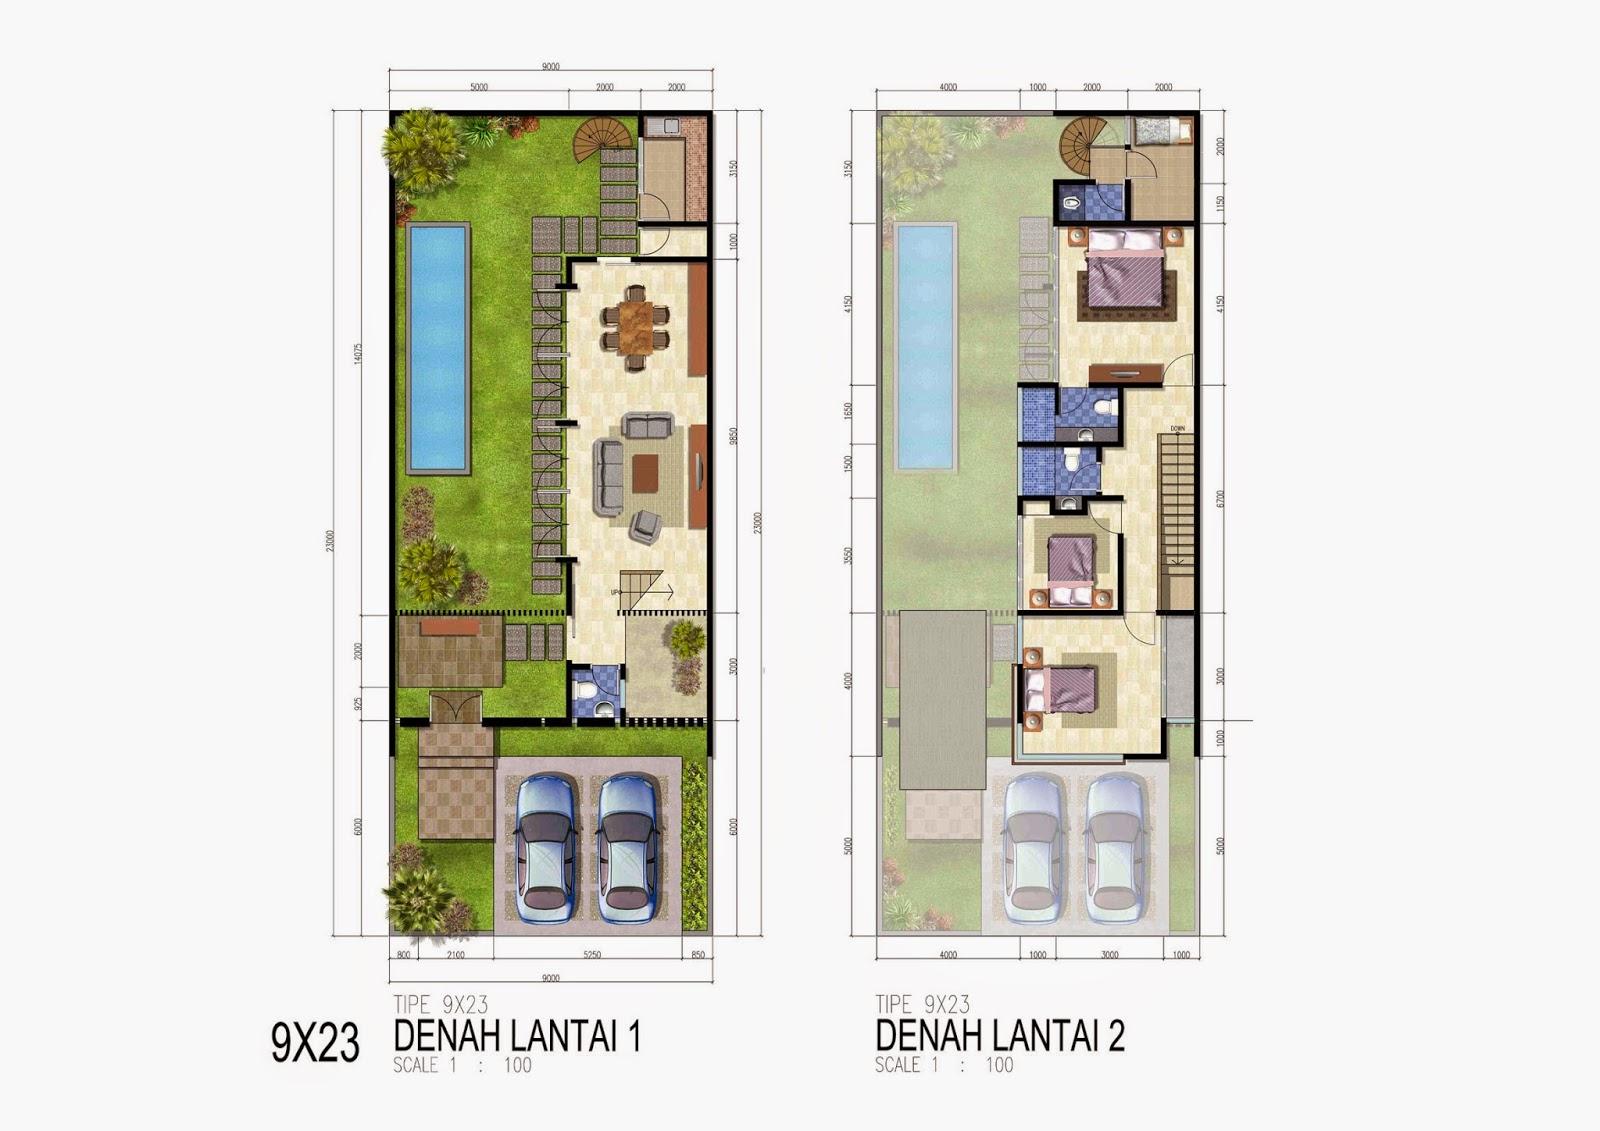 Tips Keren Bikin Denah Rumah Dengan Kolam Renang Untuk Rumah Mini